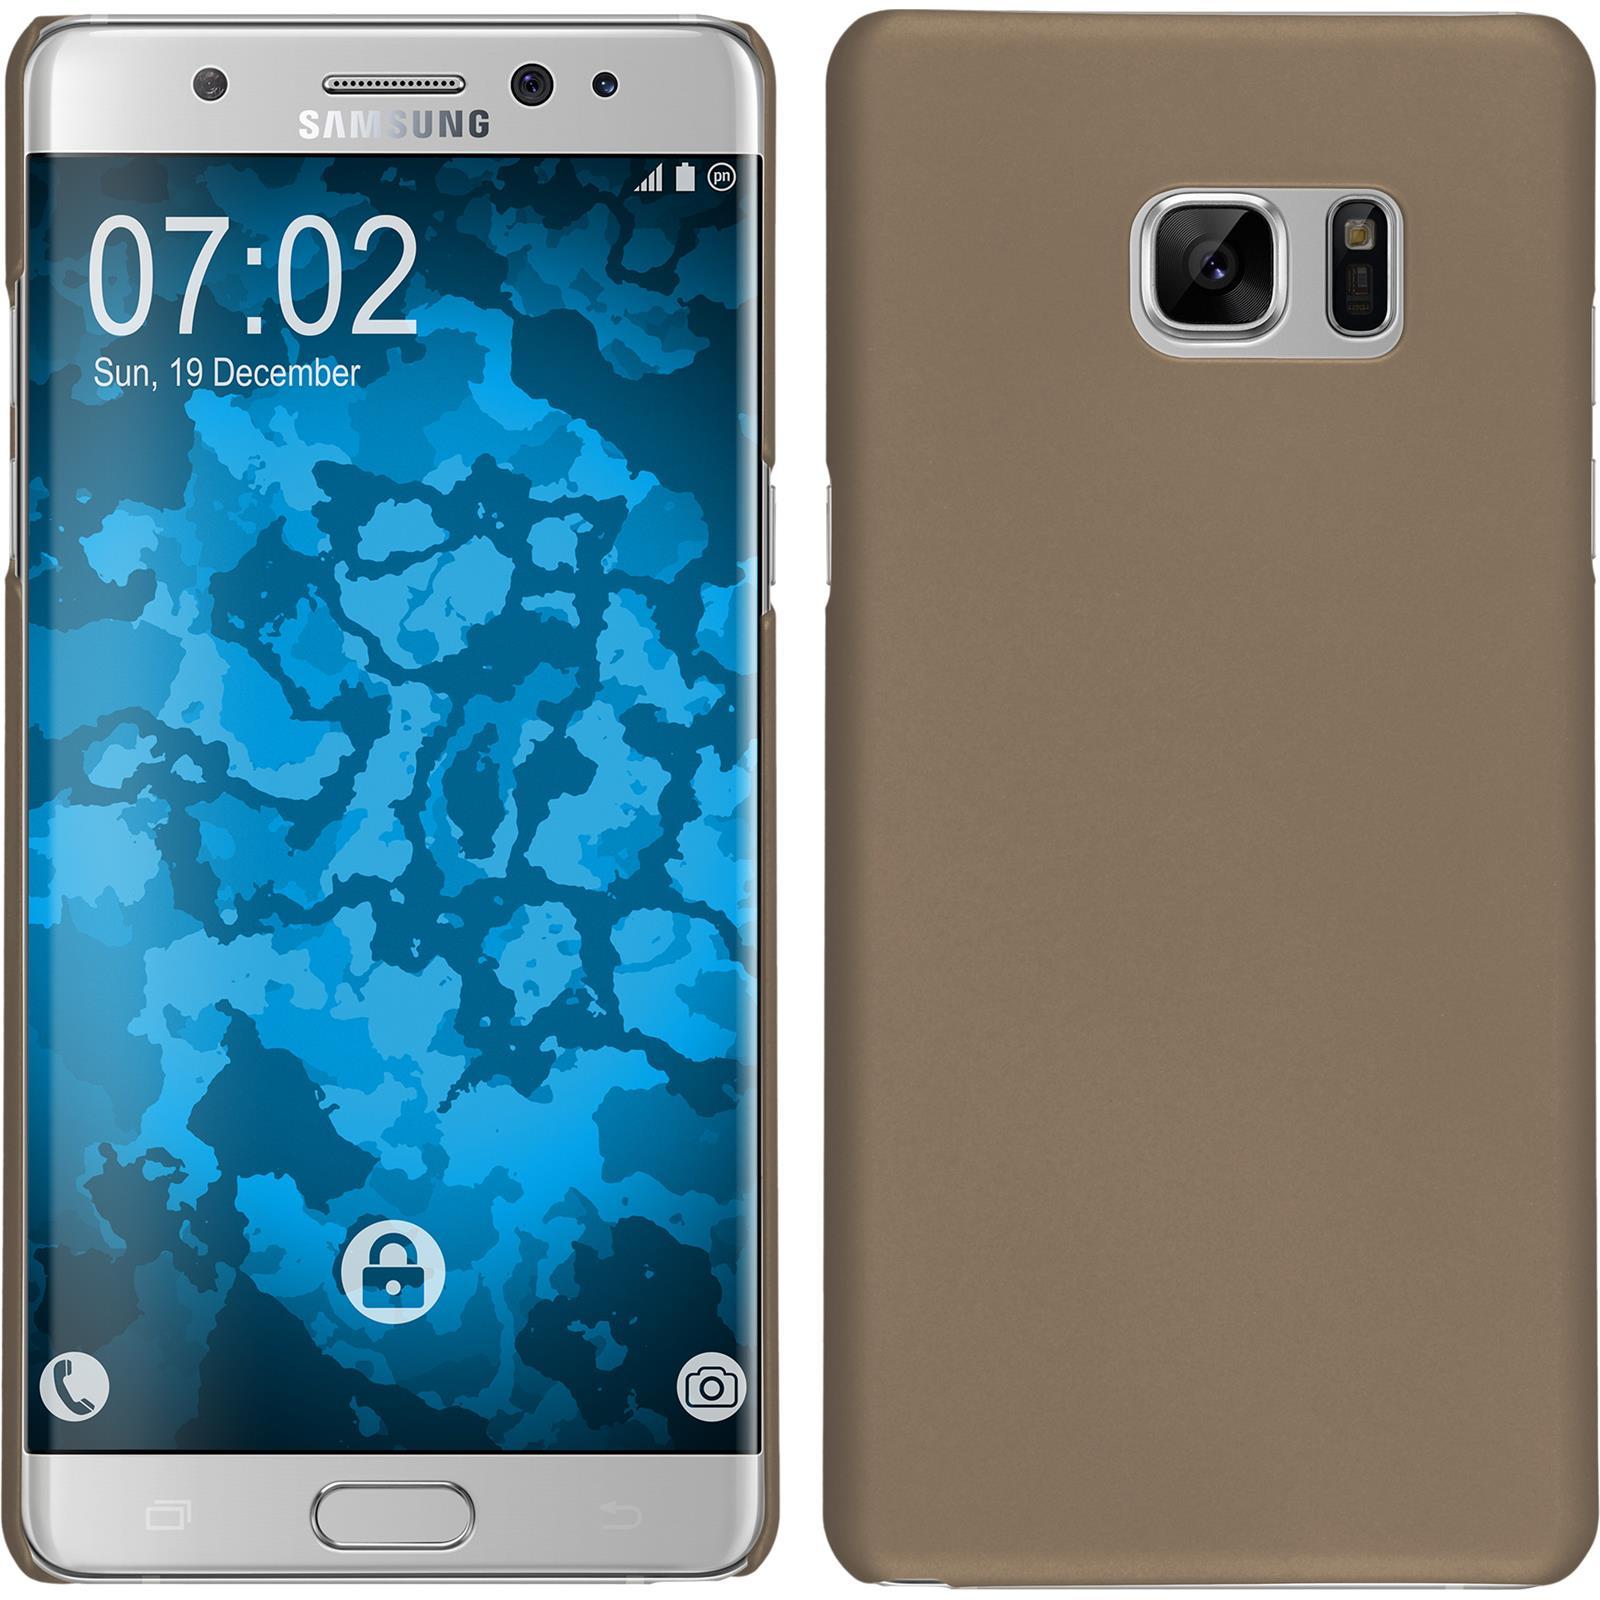 Funda-Rigida-Samsung-Galaxy-Note-FE-goma-protector-de-pantalla